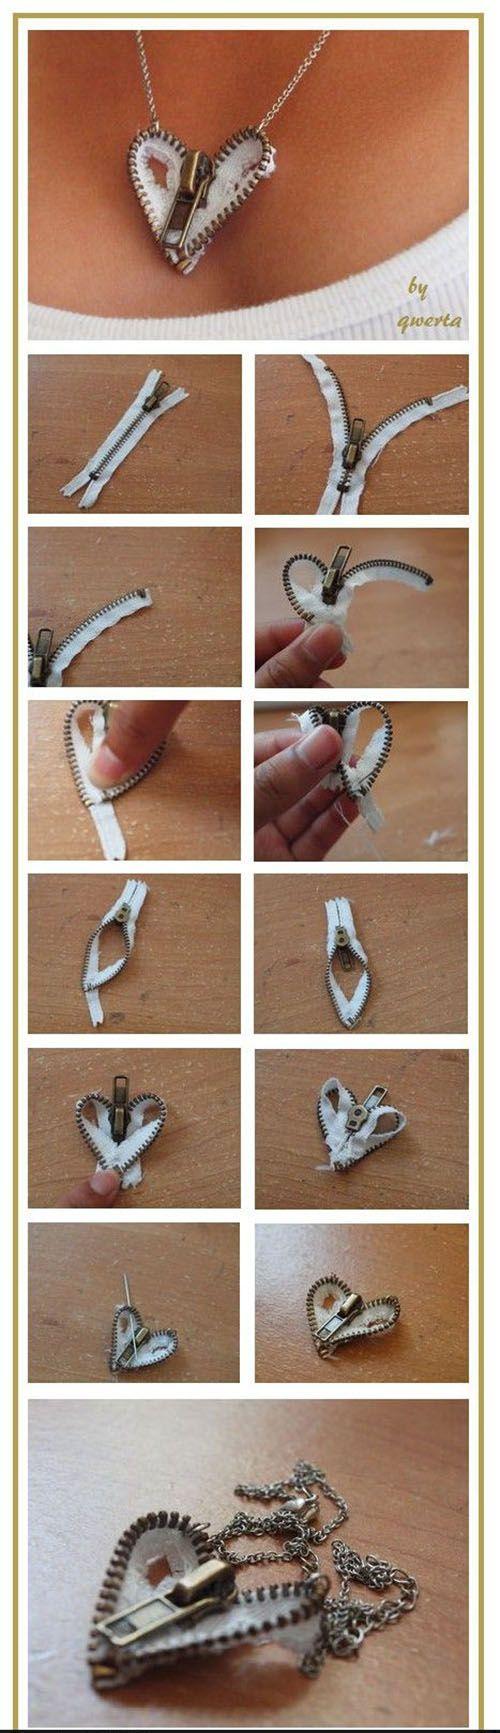 Cool Necklace Idea | DIY & Crafts Tutorials